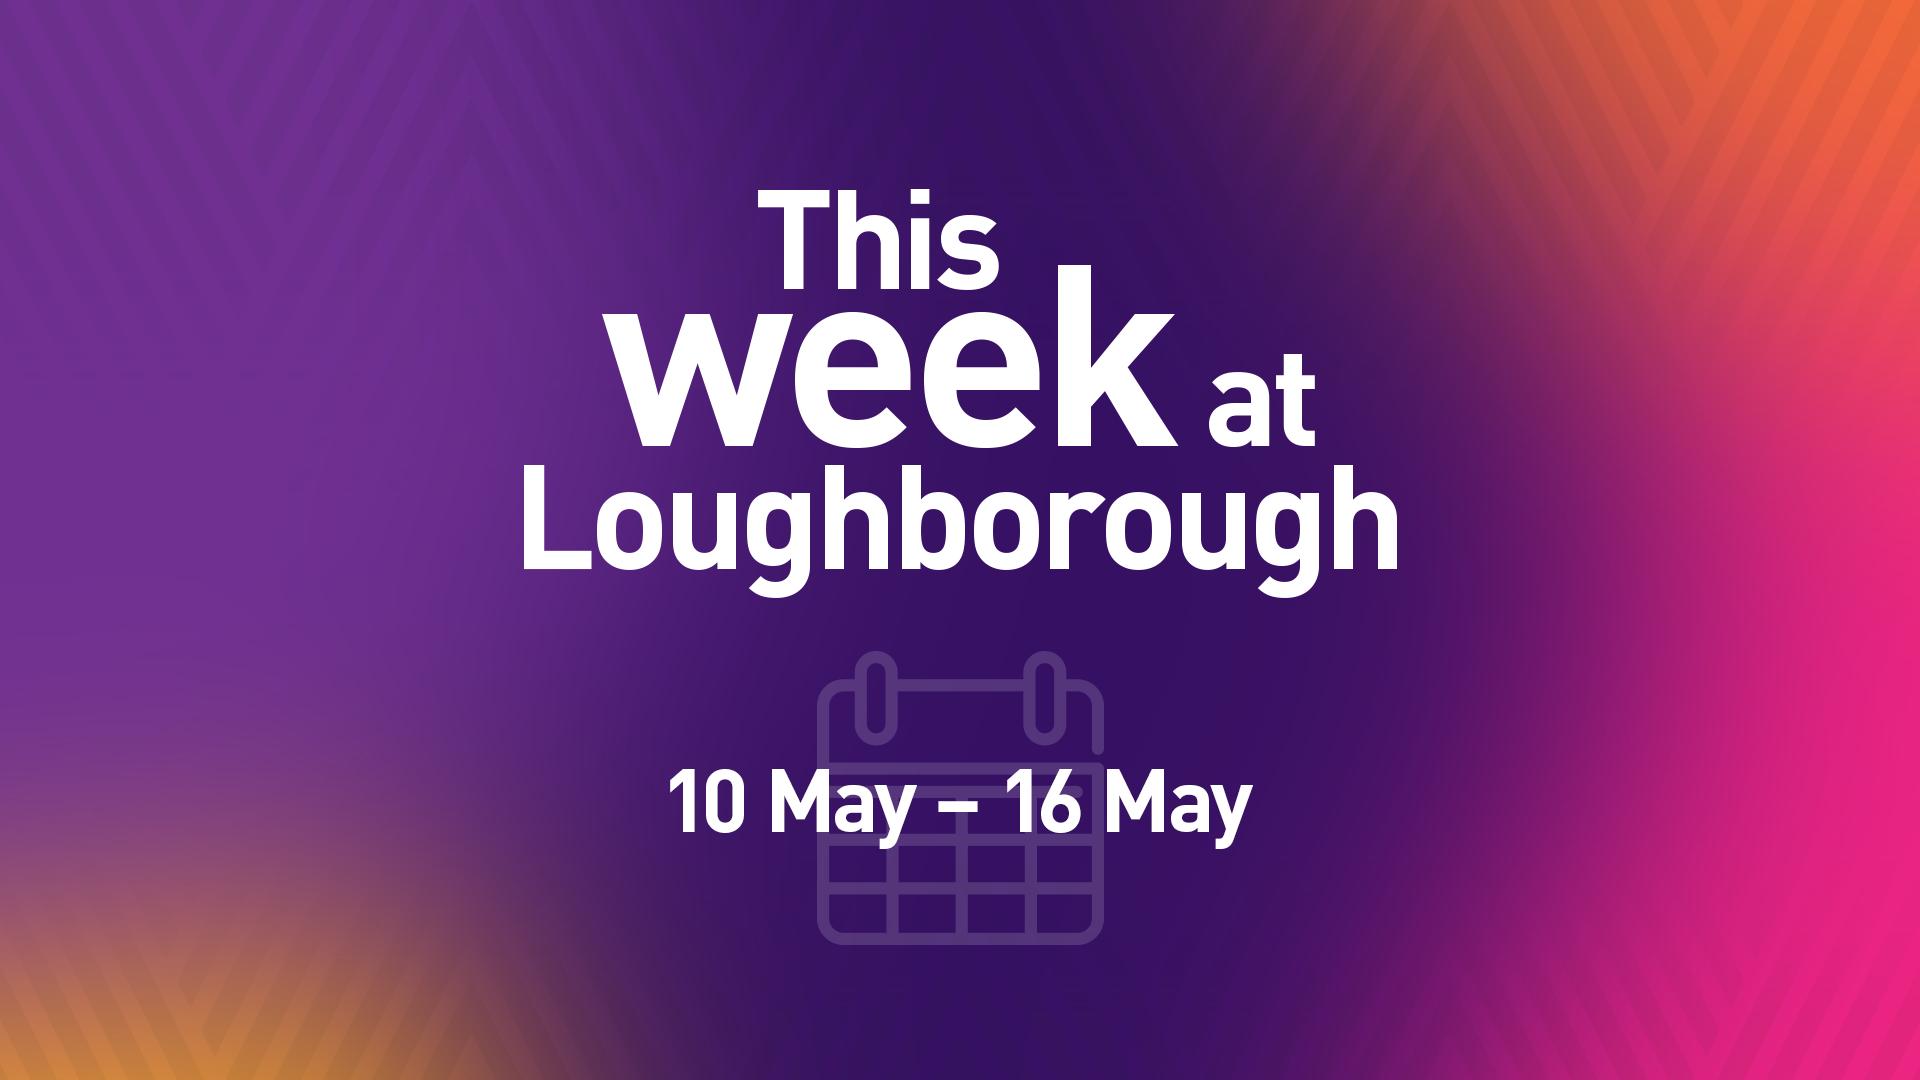 This Week at Loughborough | 10 May